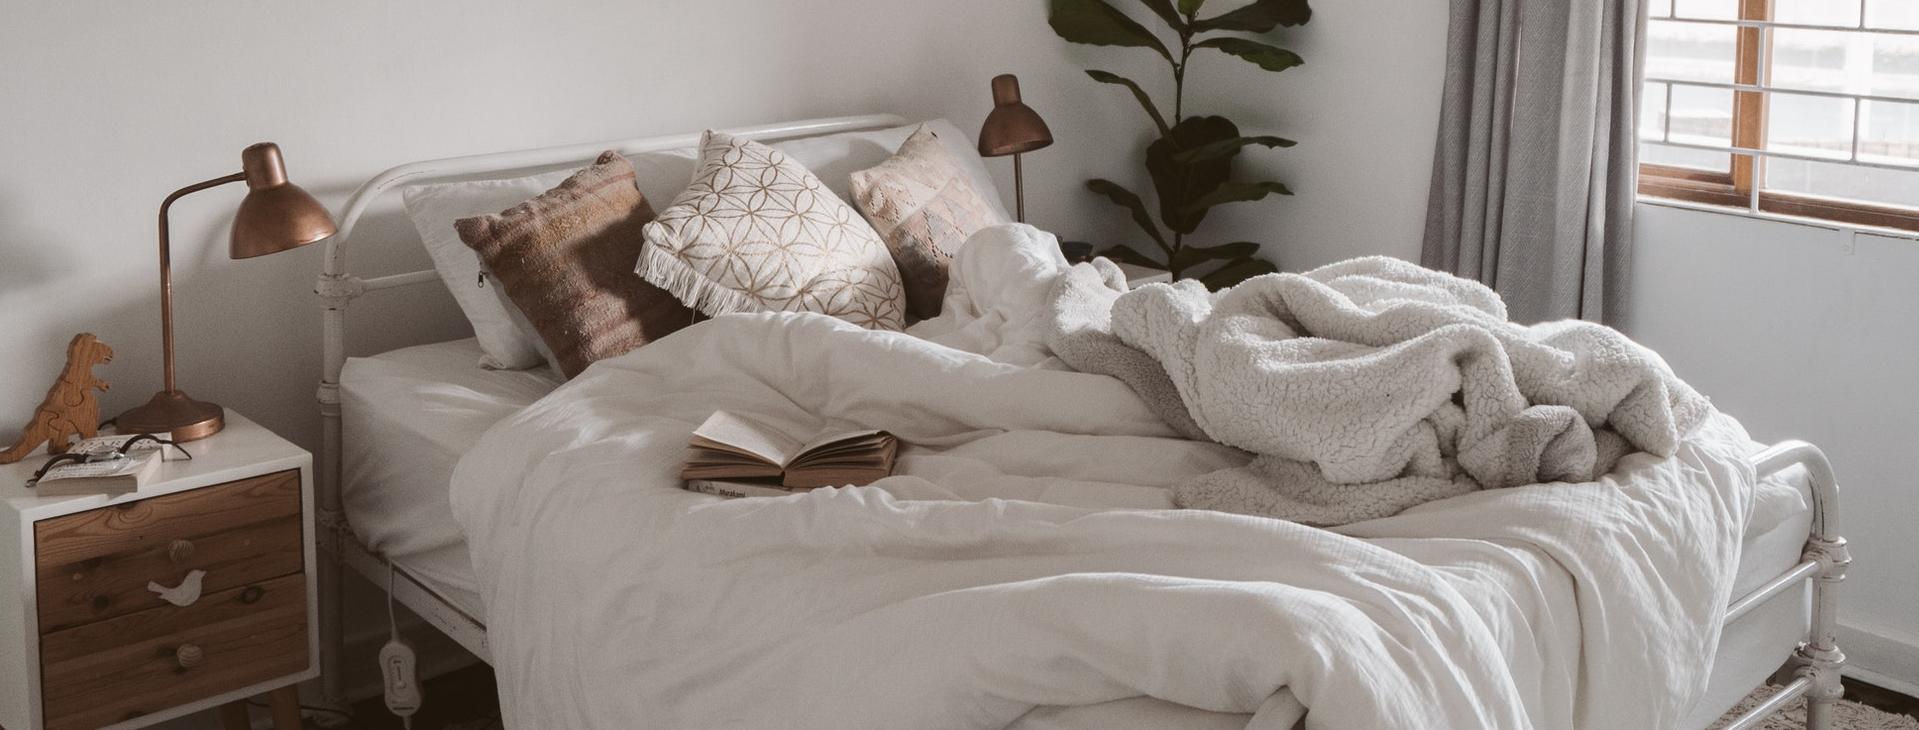 medium soft mattress